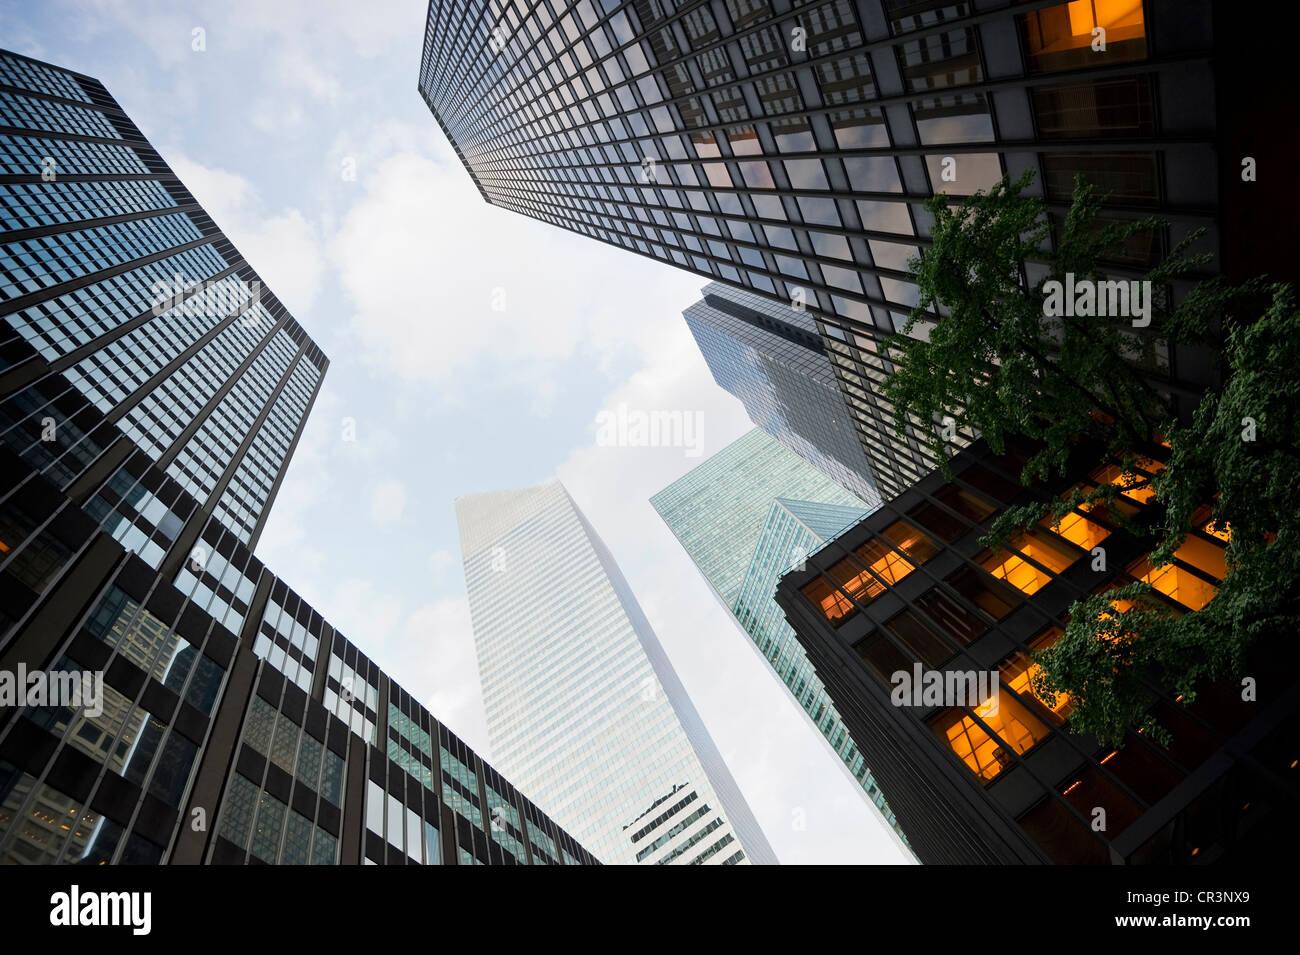 Les bâtiments de grande hauteur, Park Avenue, Manhattan, New York, USA, Amérique Latine Photo Stock